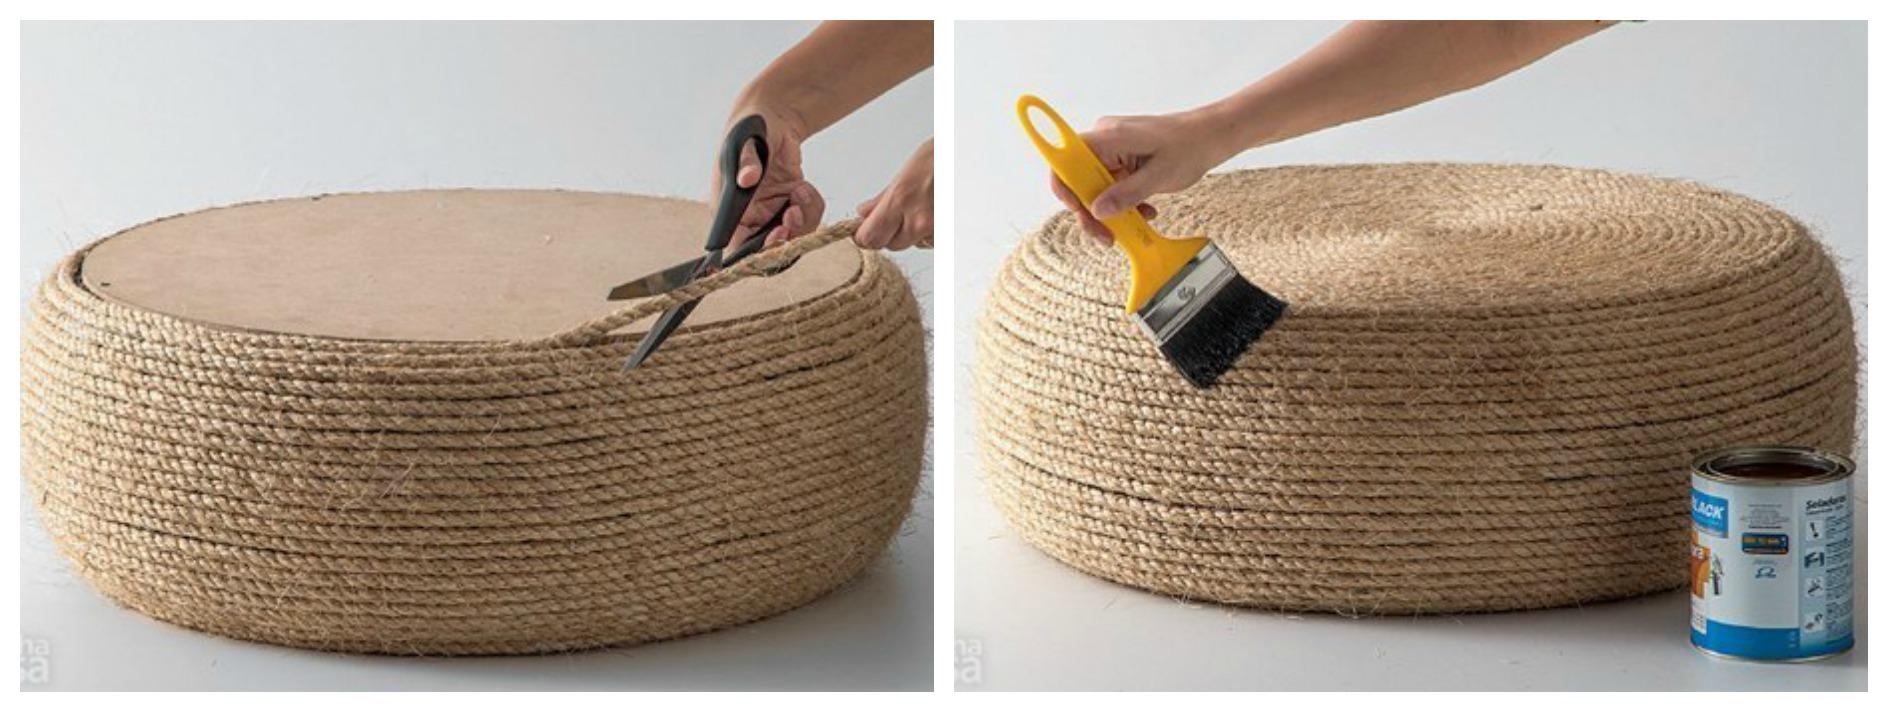 Как сделать когтеточку своими руками из веревки